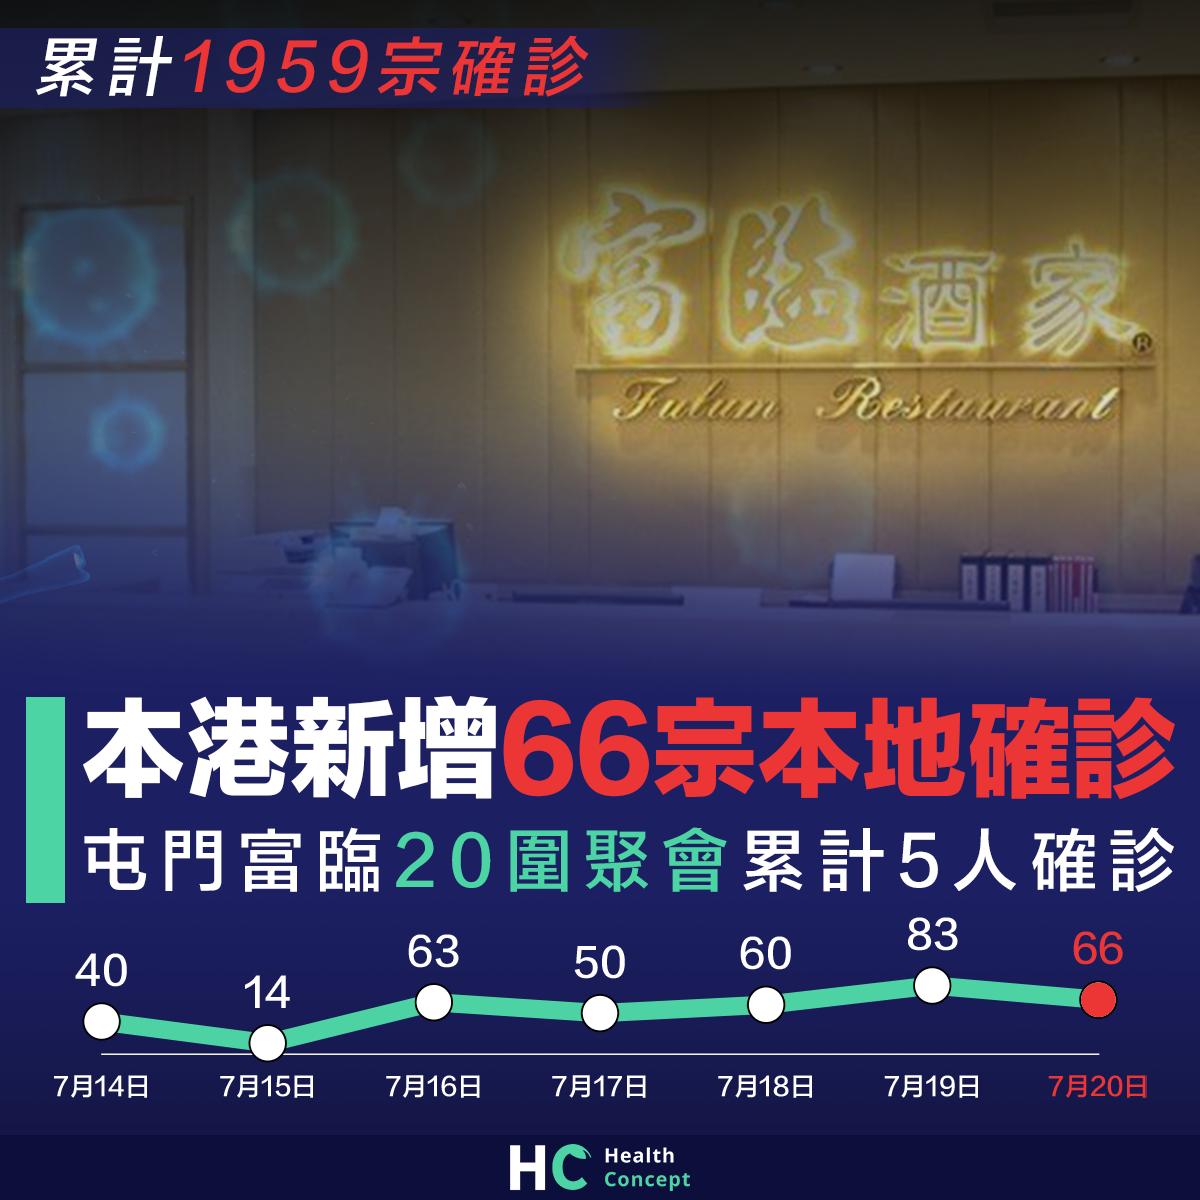 【#新型肺炎】本港新增66宗本地確診 屯門富臨20圍聚會累計5人確診